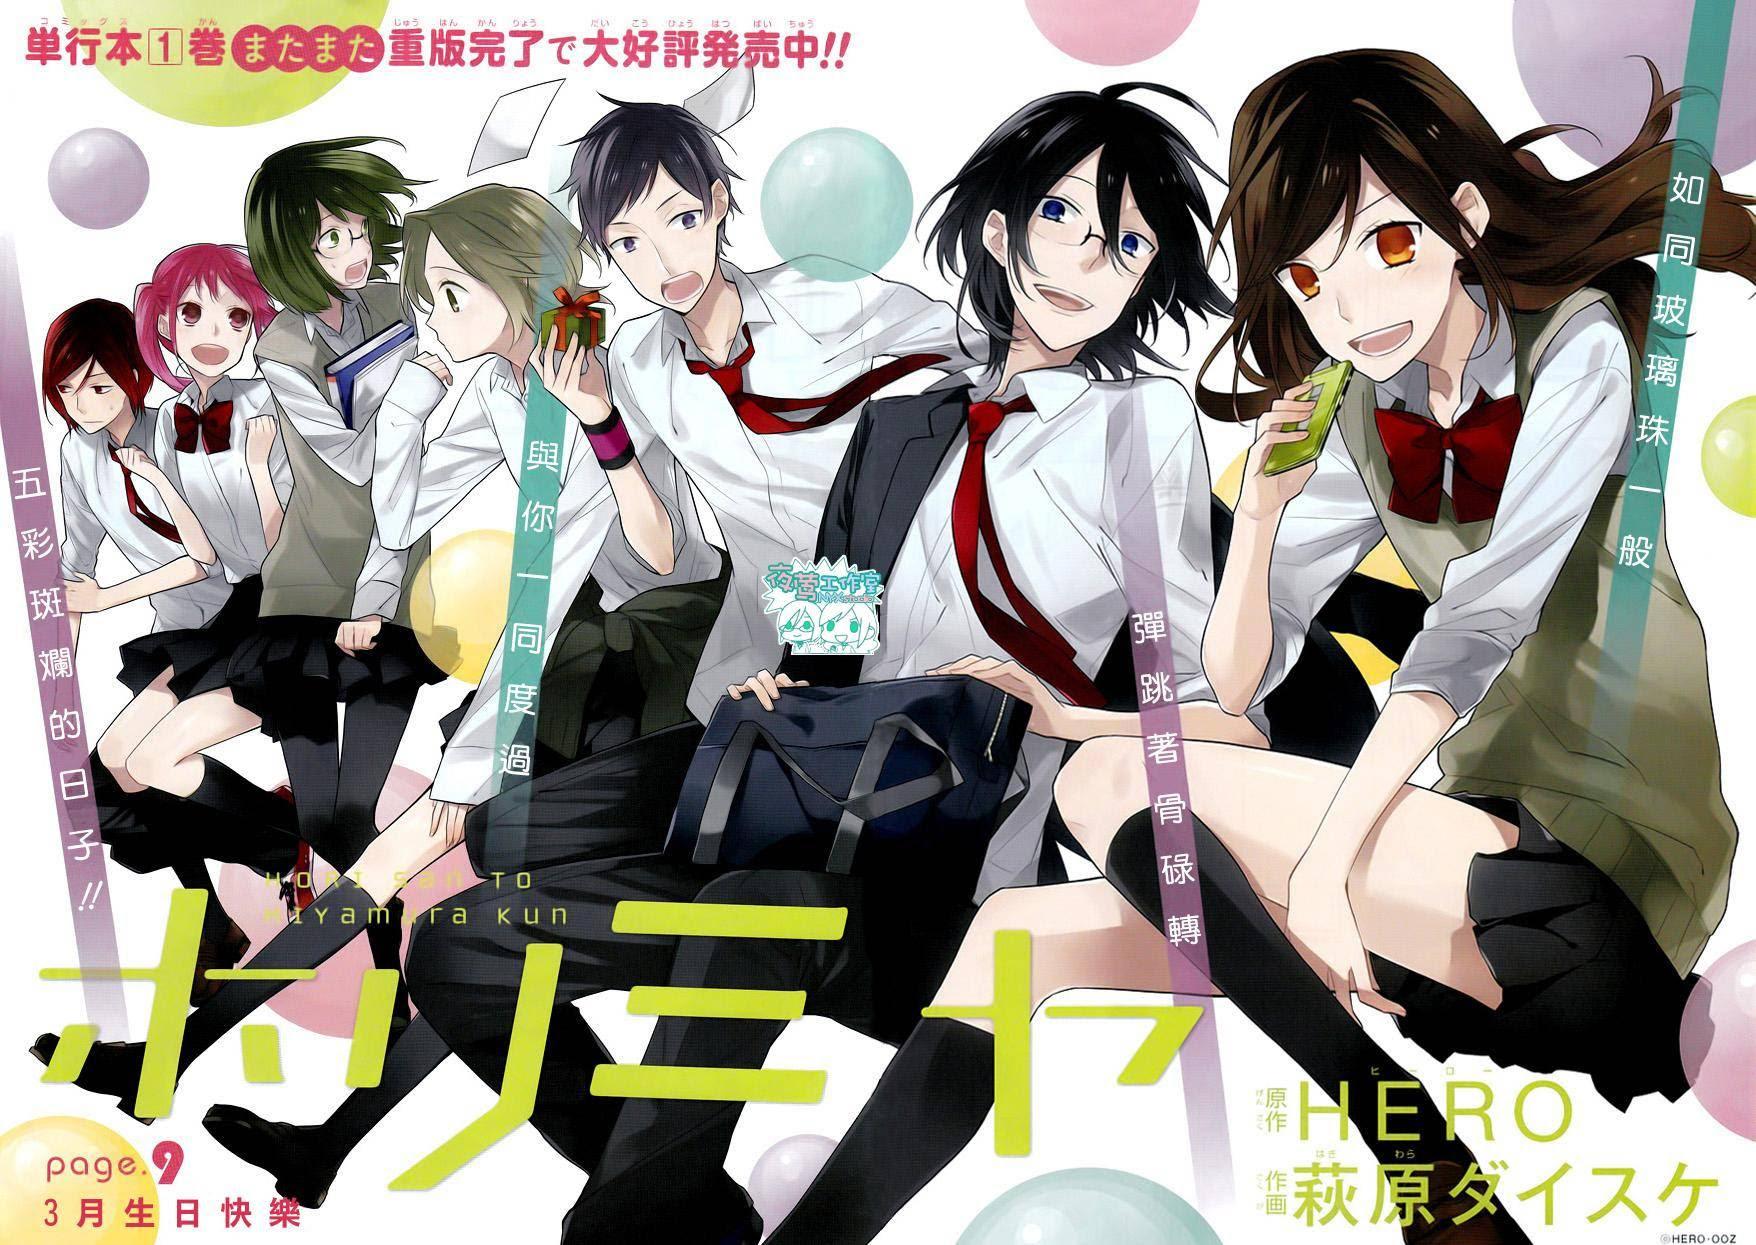 ººh O R I M I Y Aºº Shoujo Manga Wallpaper 38094767 Fanpop